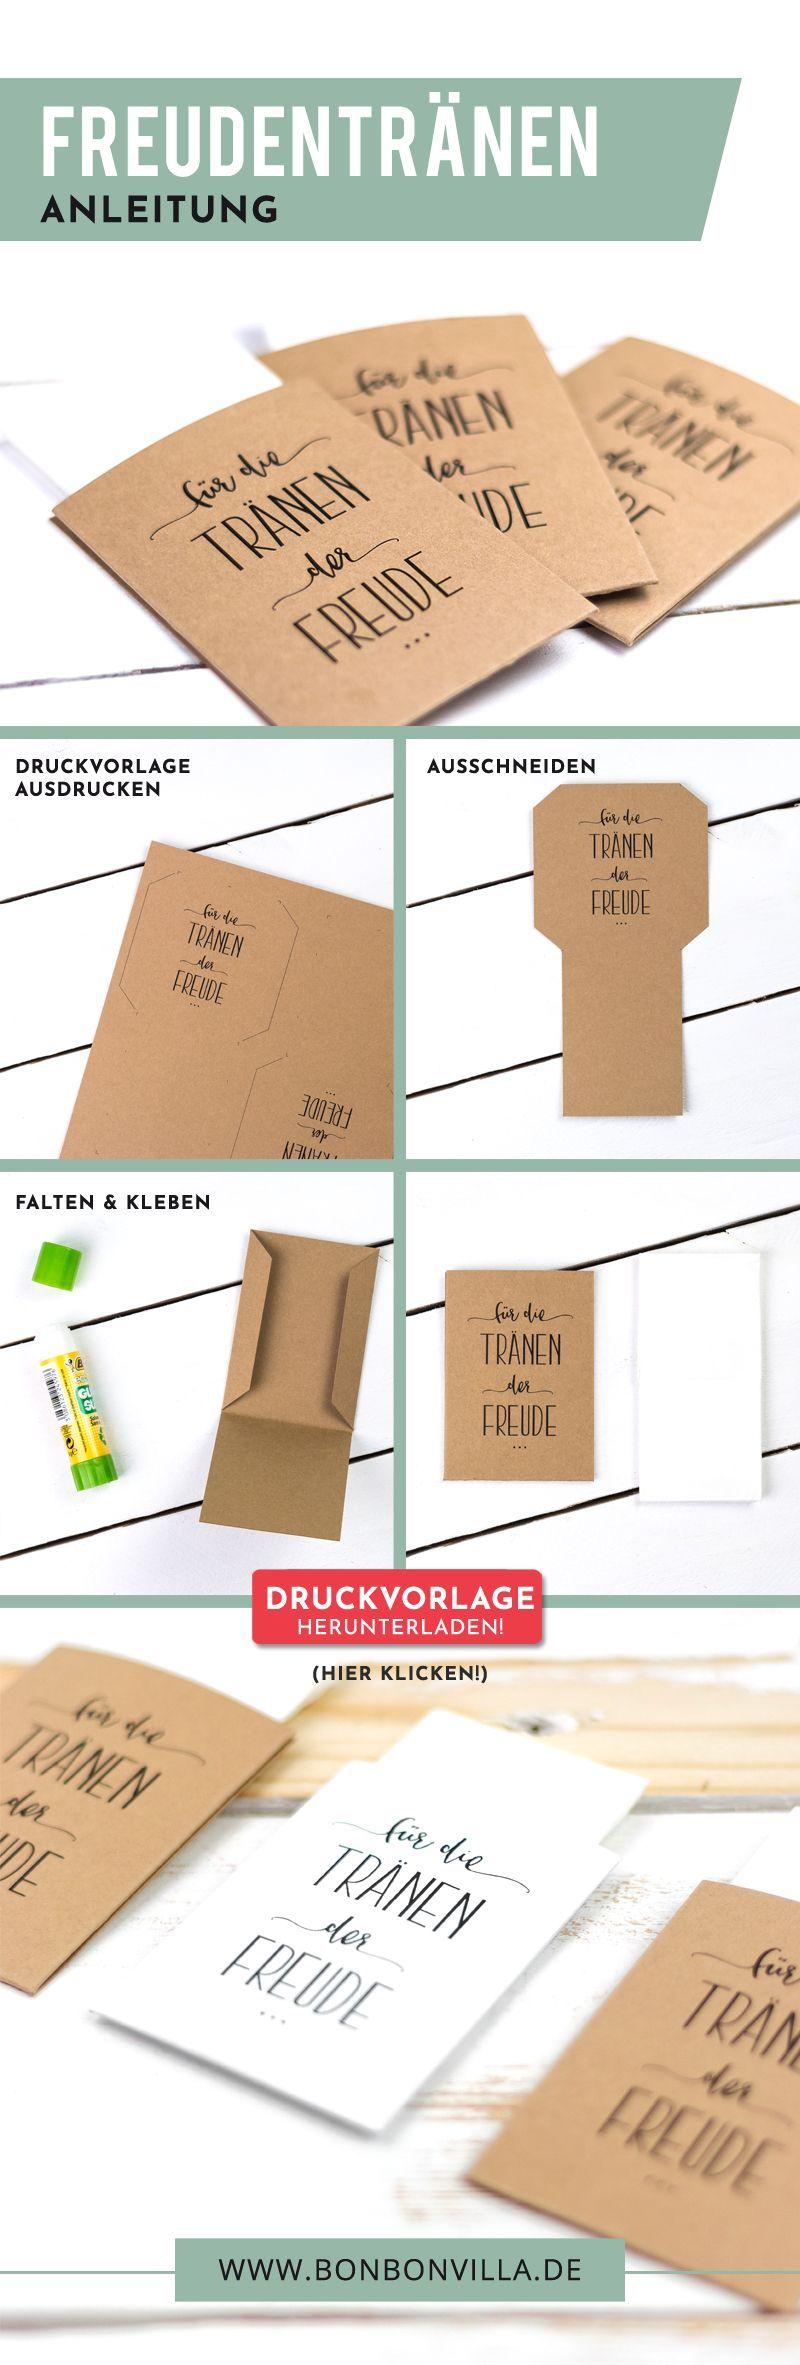 Taschentücher pro die Freudentränen Portable Document Format